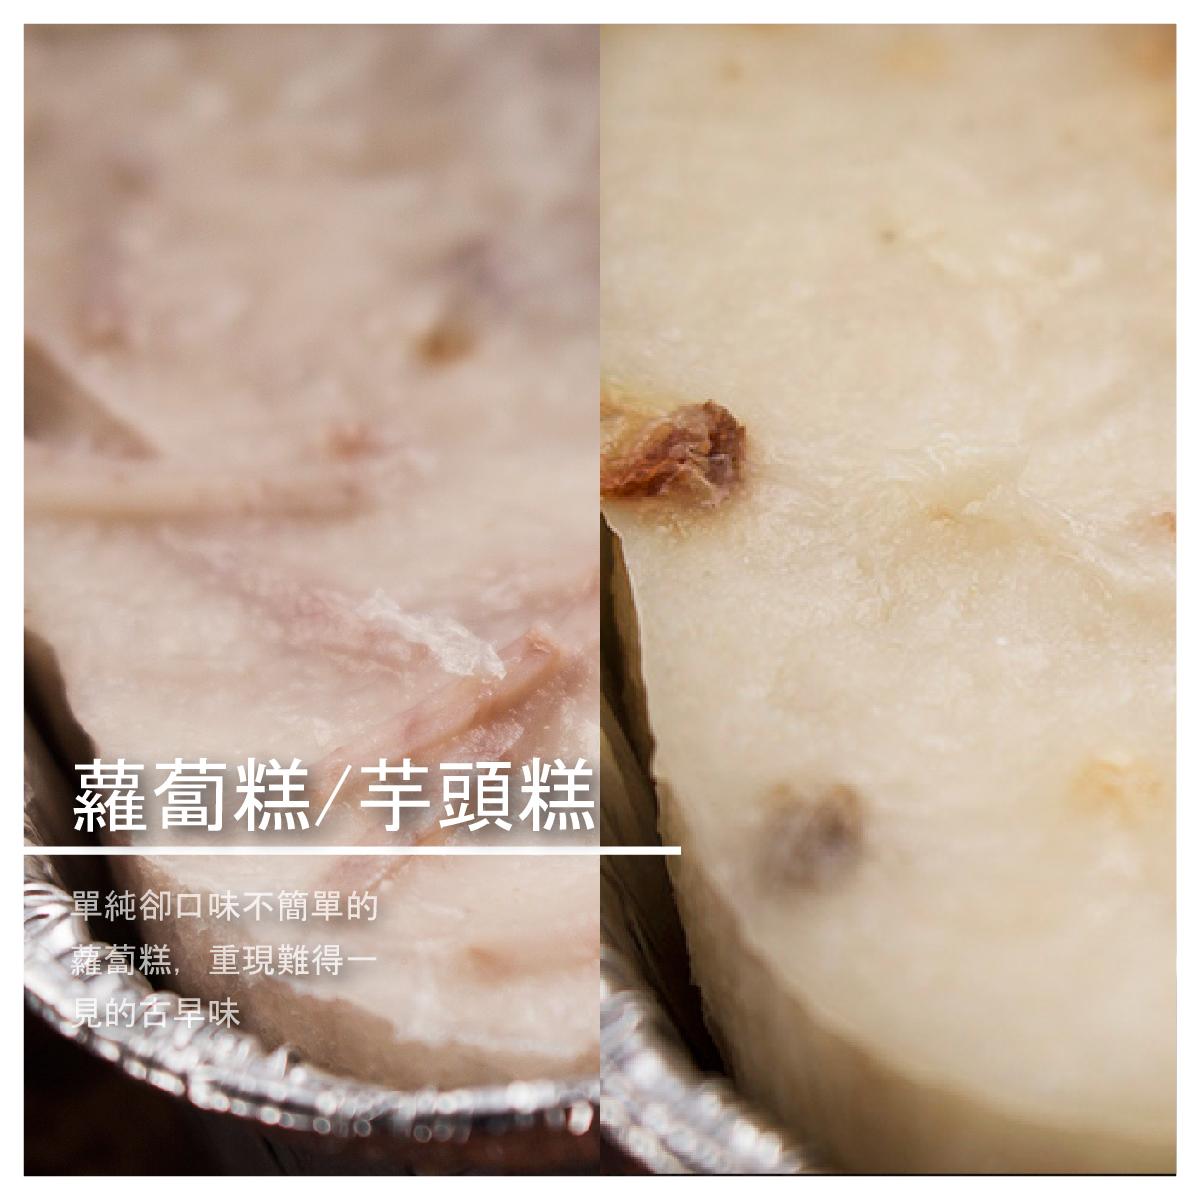 蘿蔔糕/芋頭糕 一台斤 商品介紹 ●蘿蔔糕 傳統台式蘿蔔糕不僅是祝福人『步步高升』的象徵之物 口味上更是台灣獨特、工法複雜的傳統美食 嗎哪水餃堅持台式經典古早味的製程,純米純手工、配搭上新鮮黑毛豬絞肉